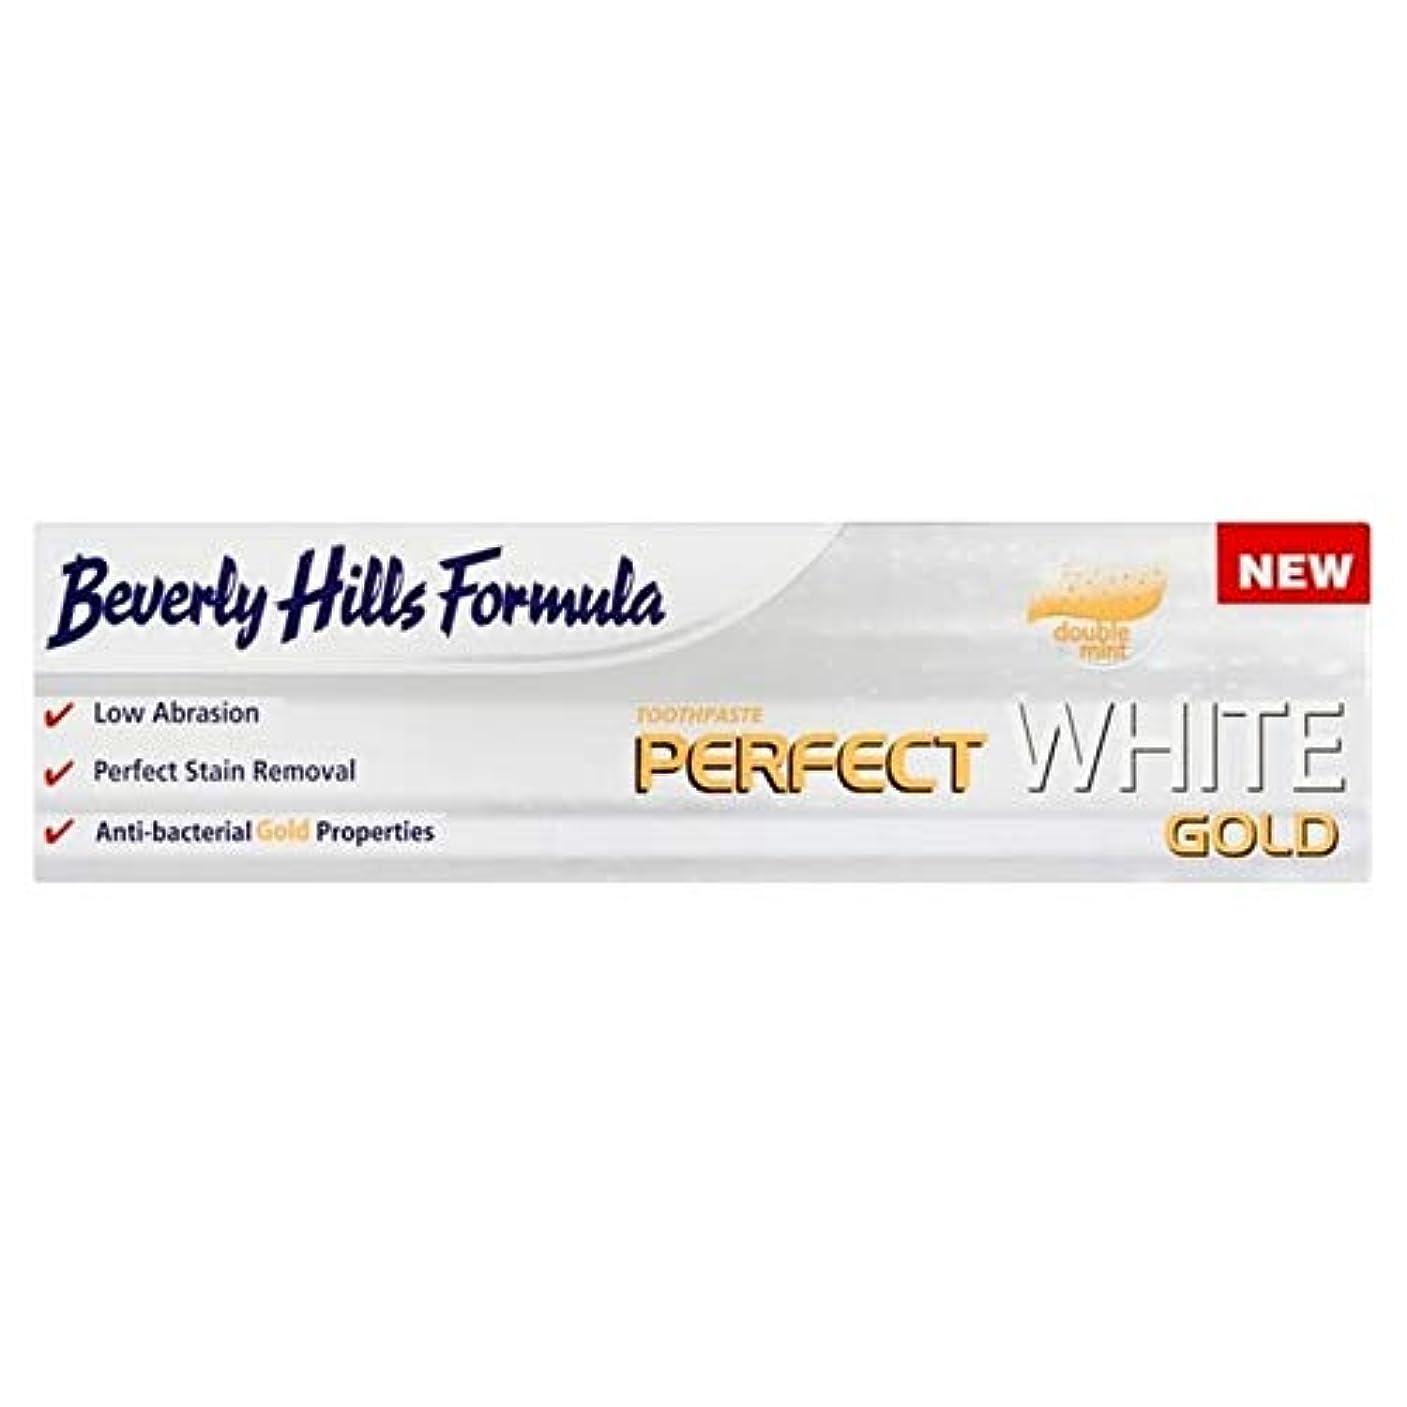 元に戻す起きろ国歌[Beverly Hills ] ビバリーヒルズ公式パーフェクトホワイトゴールドの100ミリリットル - Beverly Hills Formula Perfect White Gold 100ml [並行輸入品]